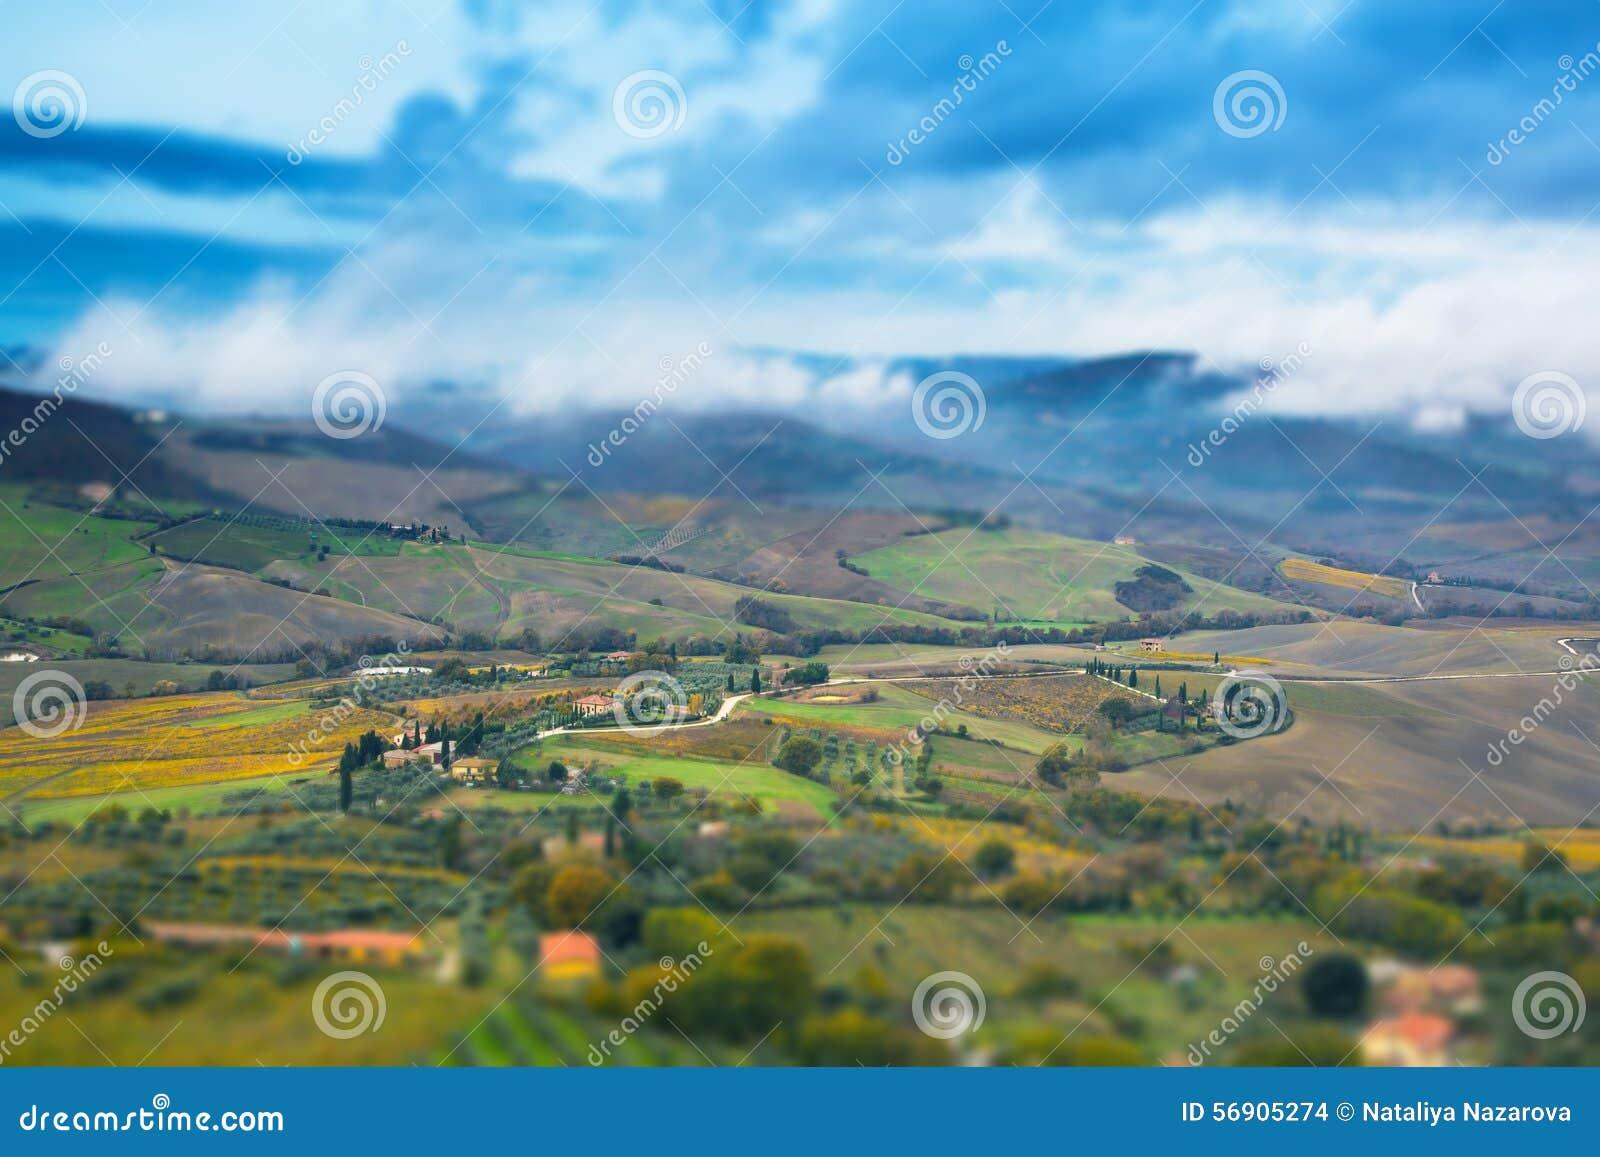 Πανοραμικό τοπίο της Τοσκάνης με τους τομείς, δέντρα και